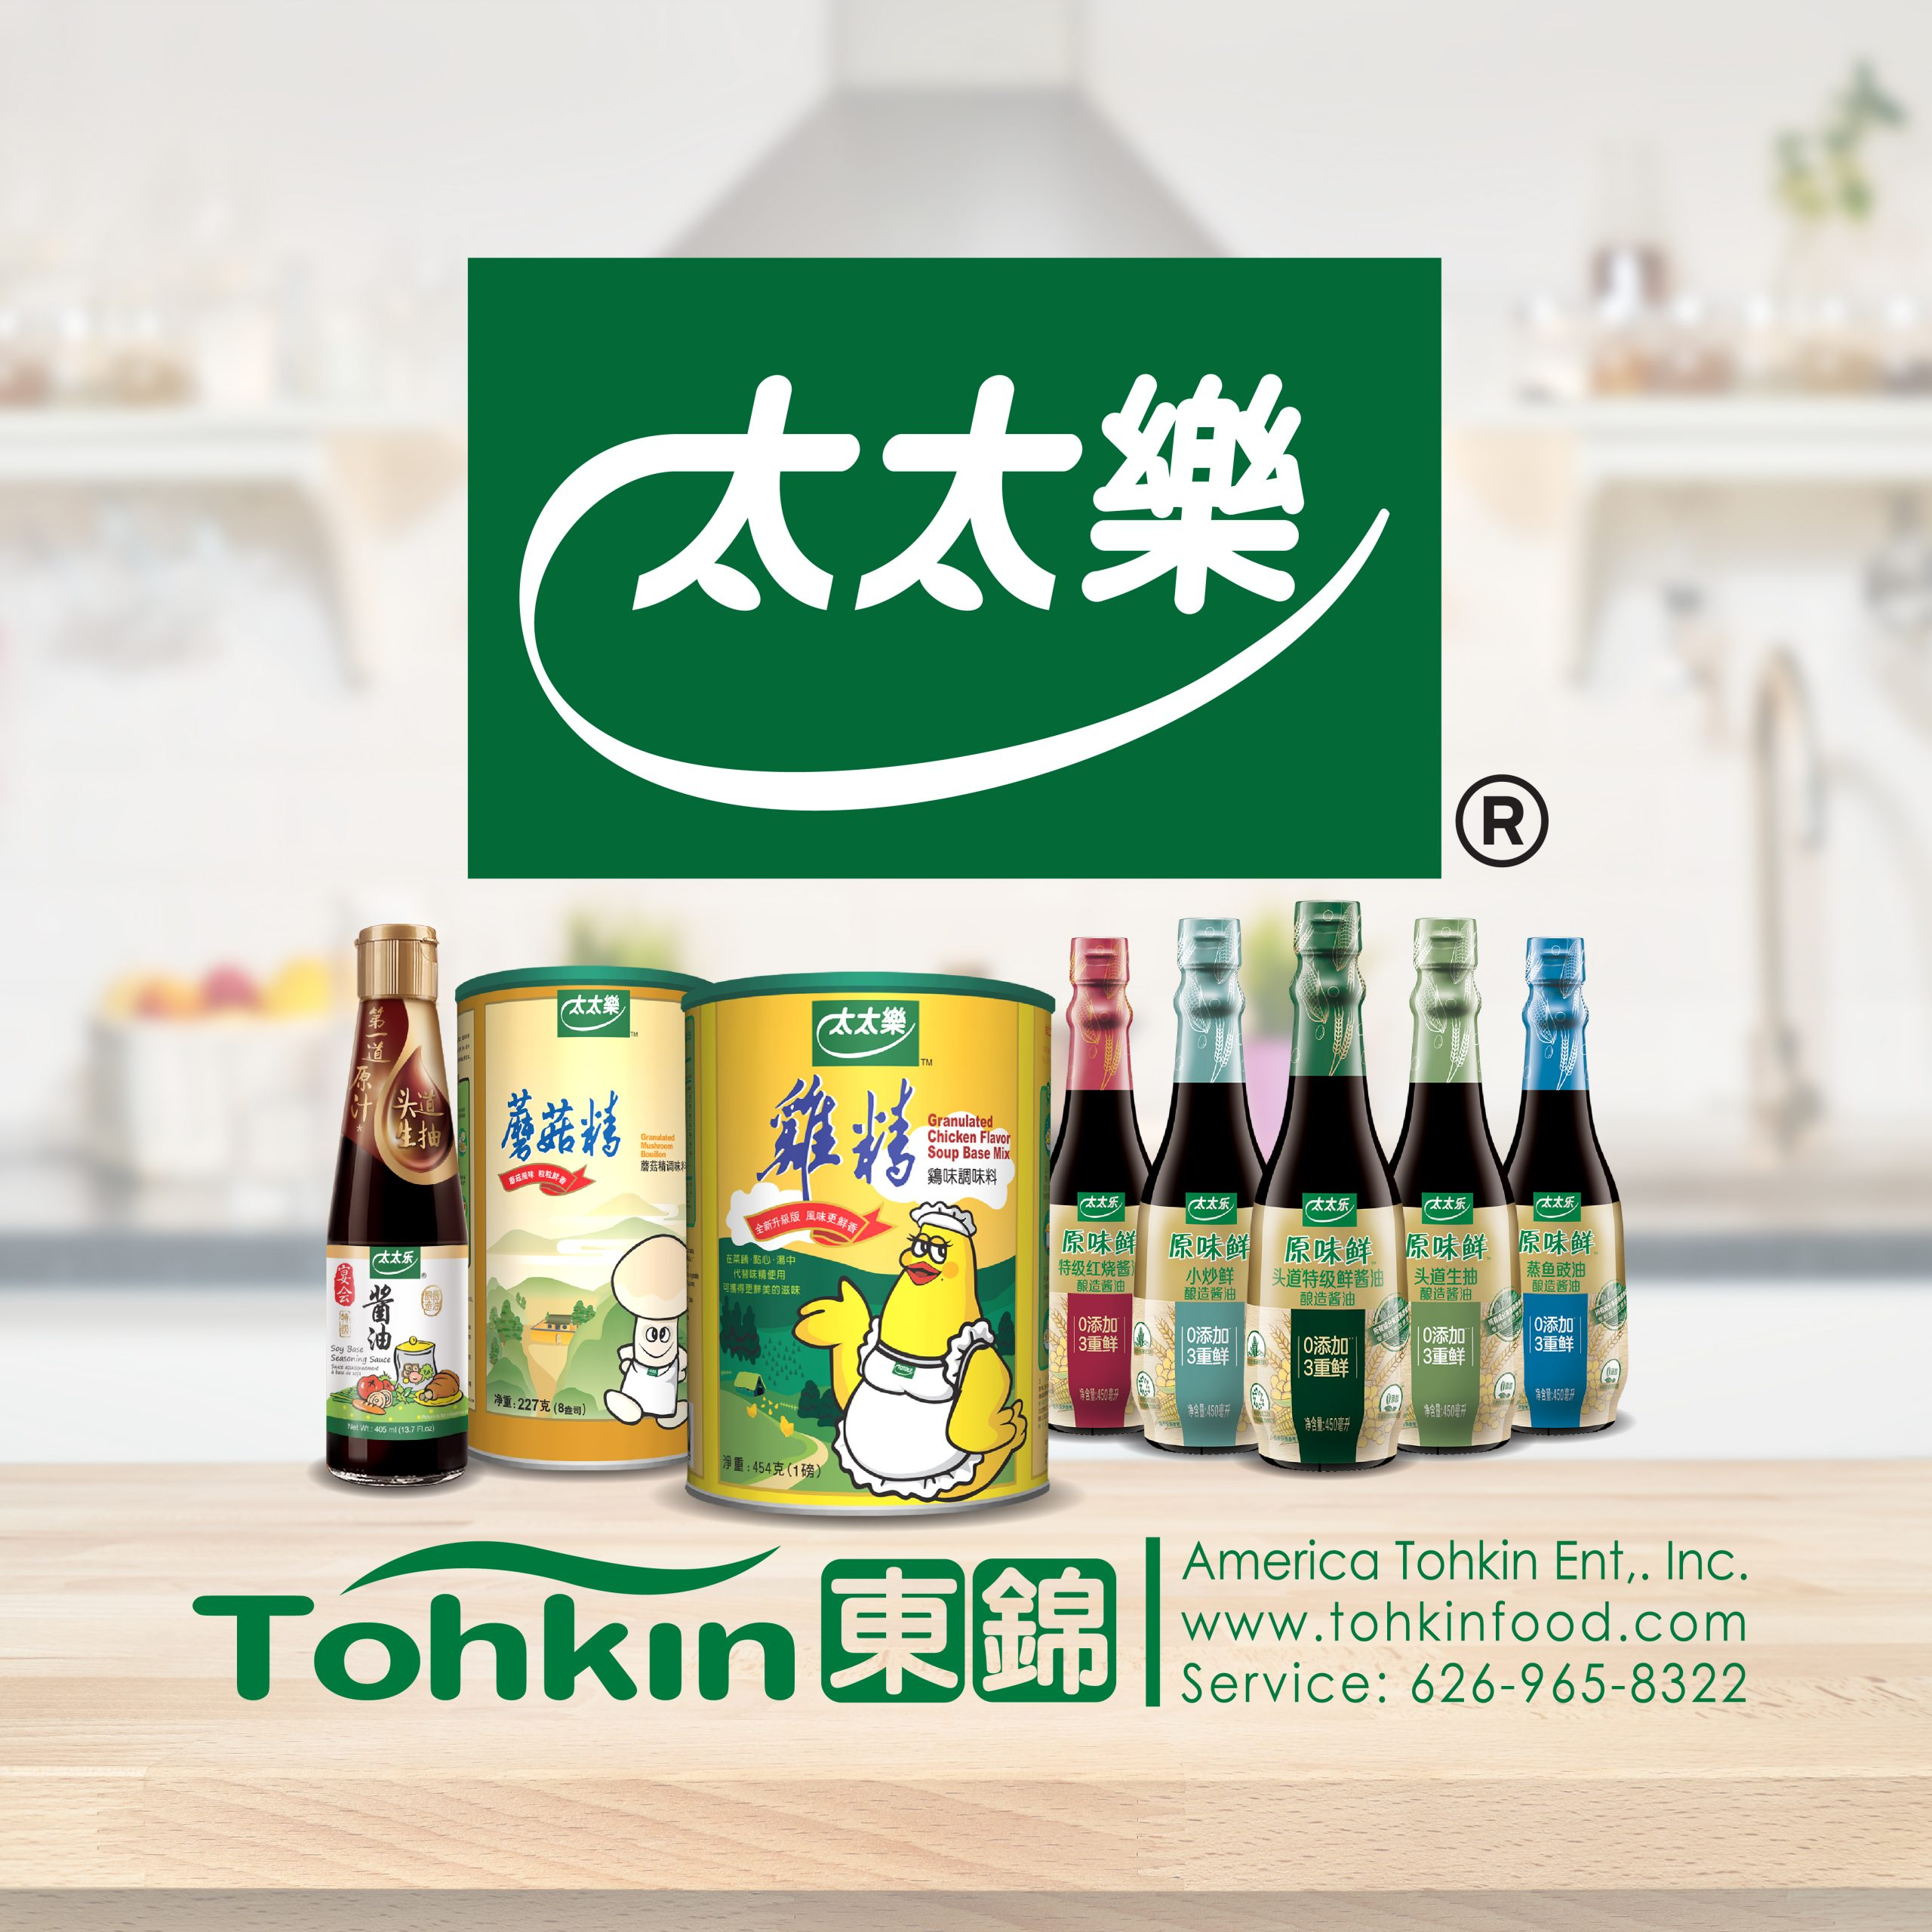 美國東錦國際企業有限公司 : America Tohkin Enterprises Inc.